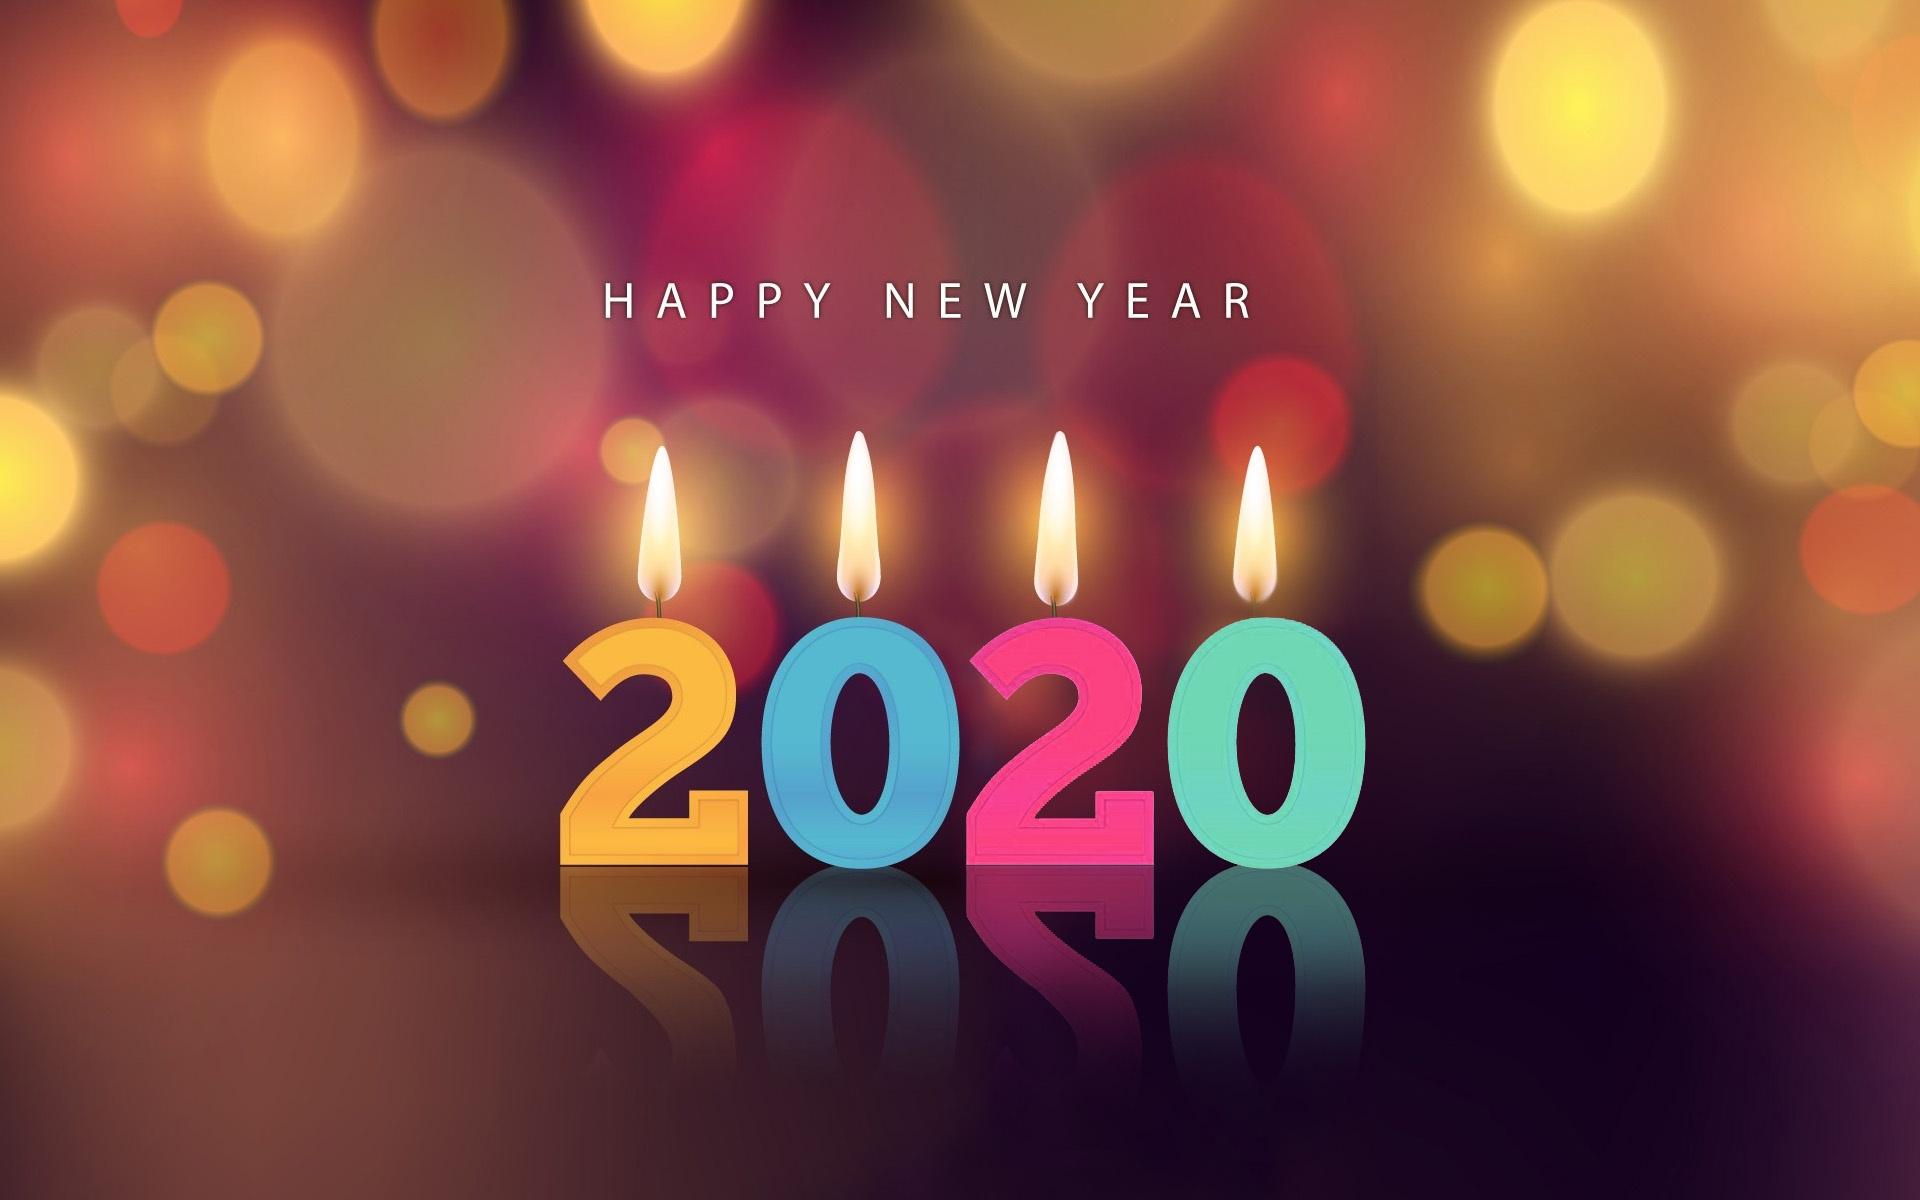 Hình nền full hd chúc mừng năm mới 2020